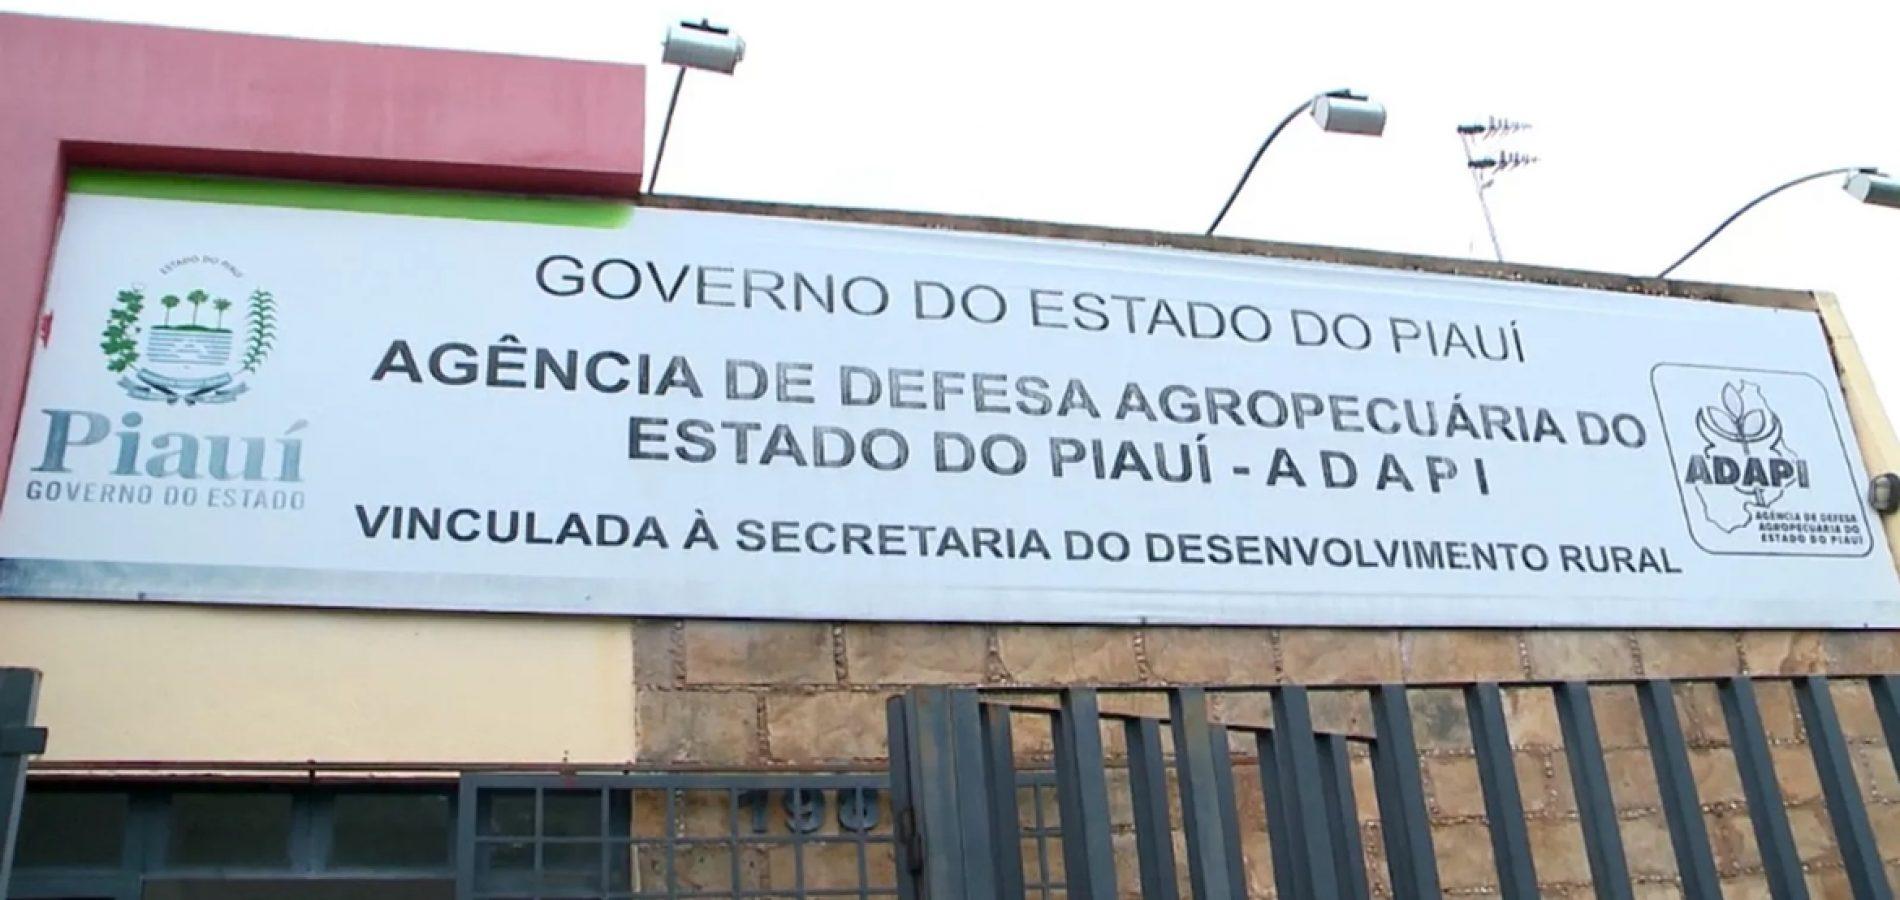 Adapi flagra carnes roídas por ratos em estabelecimento no Piauí